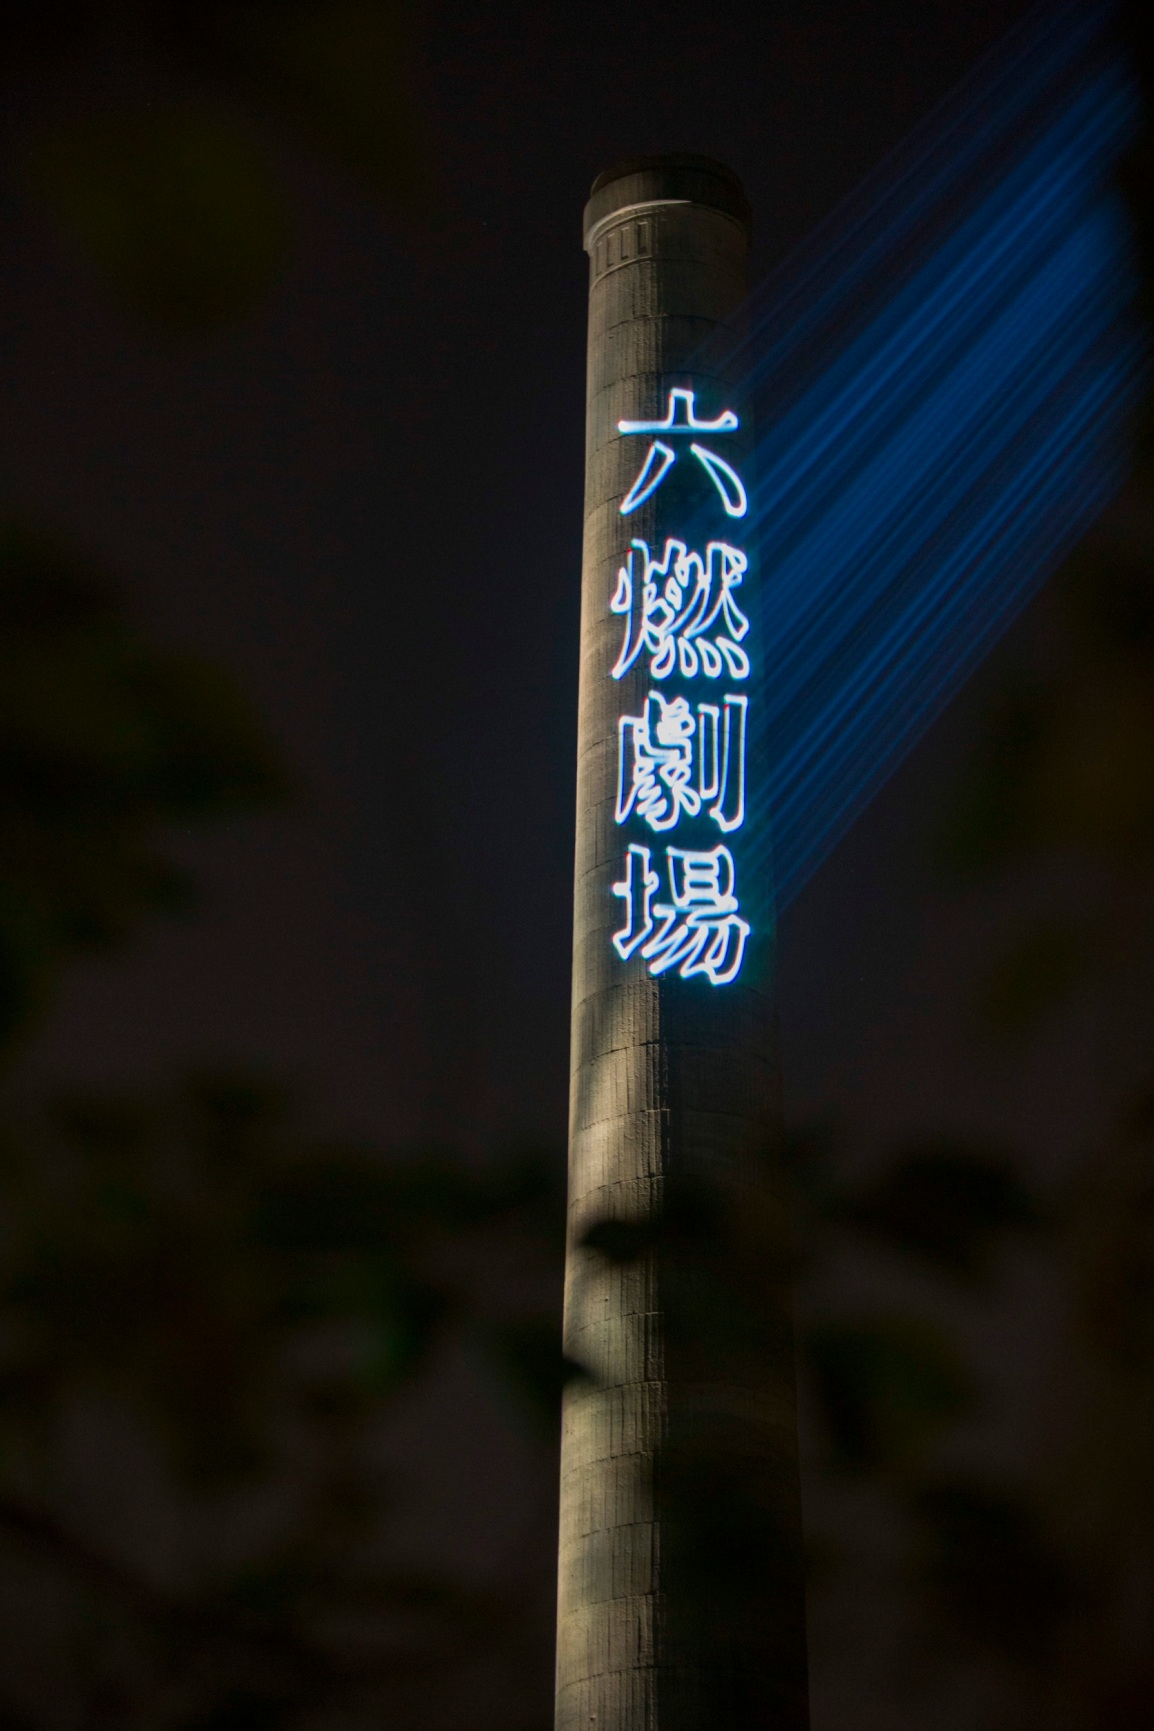 圖1上篇_六燃劇場雷射